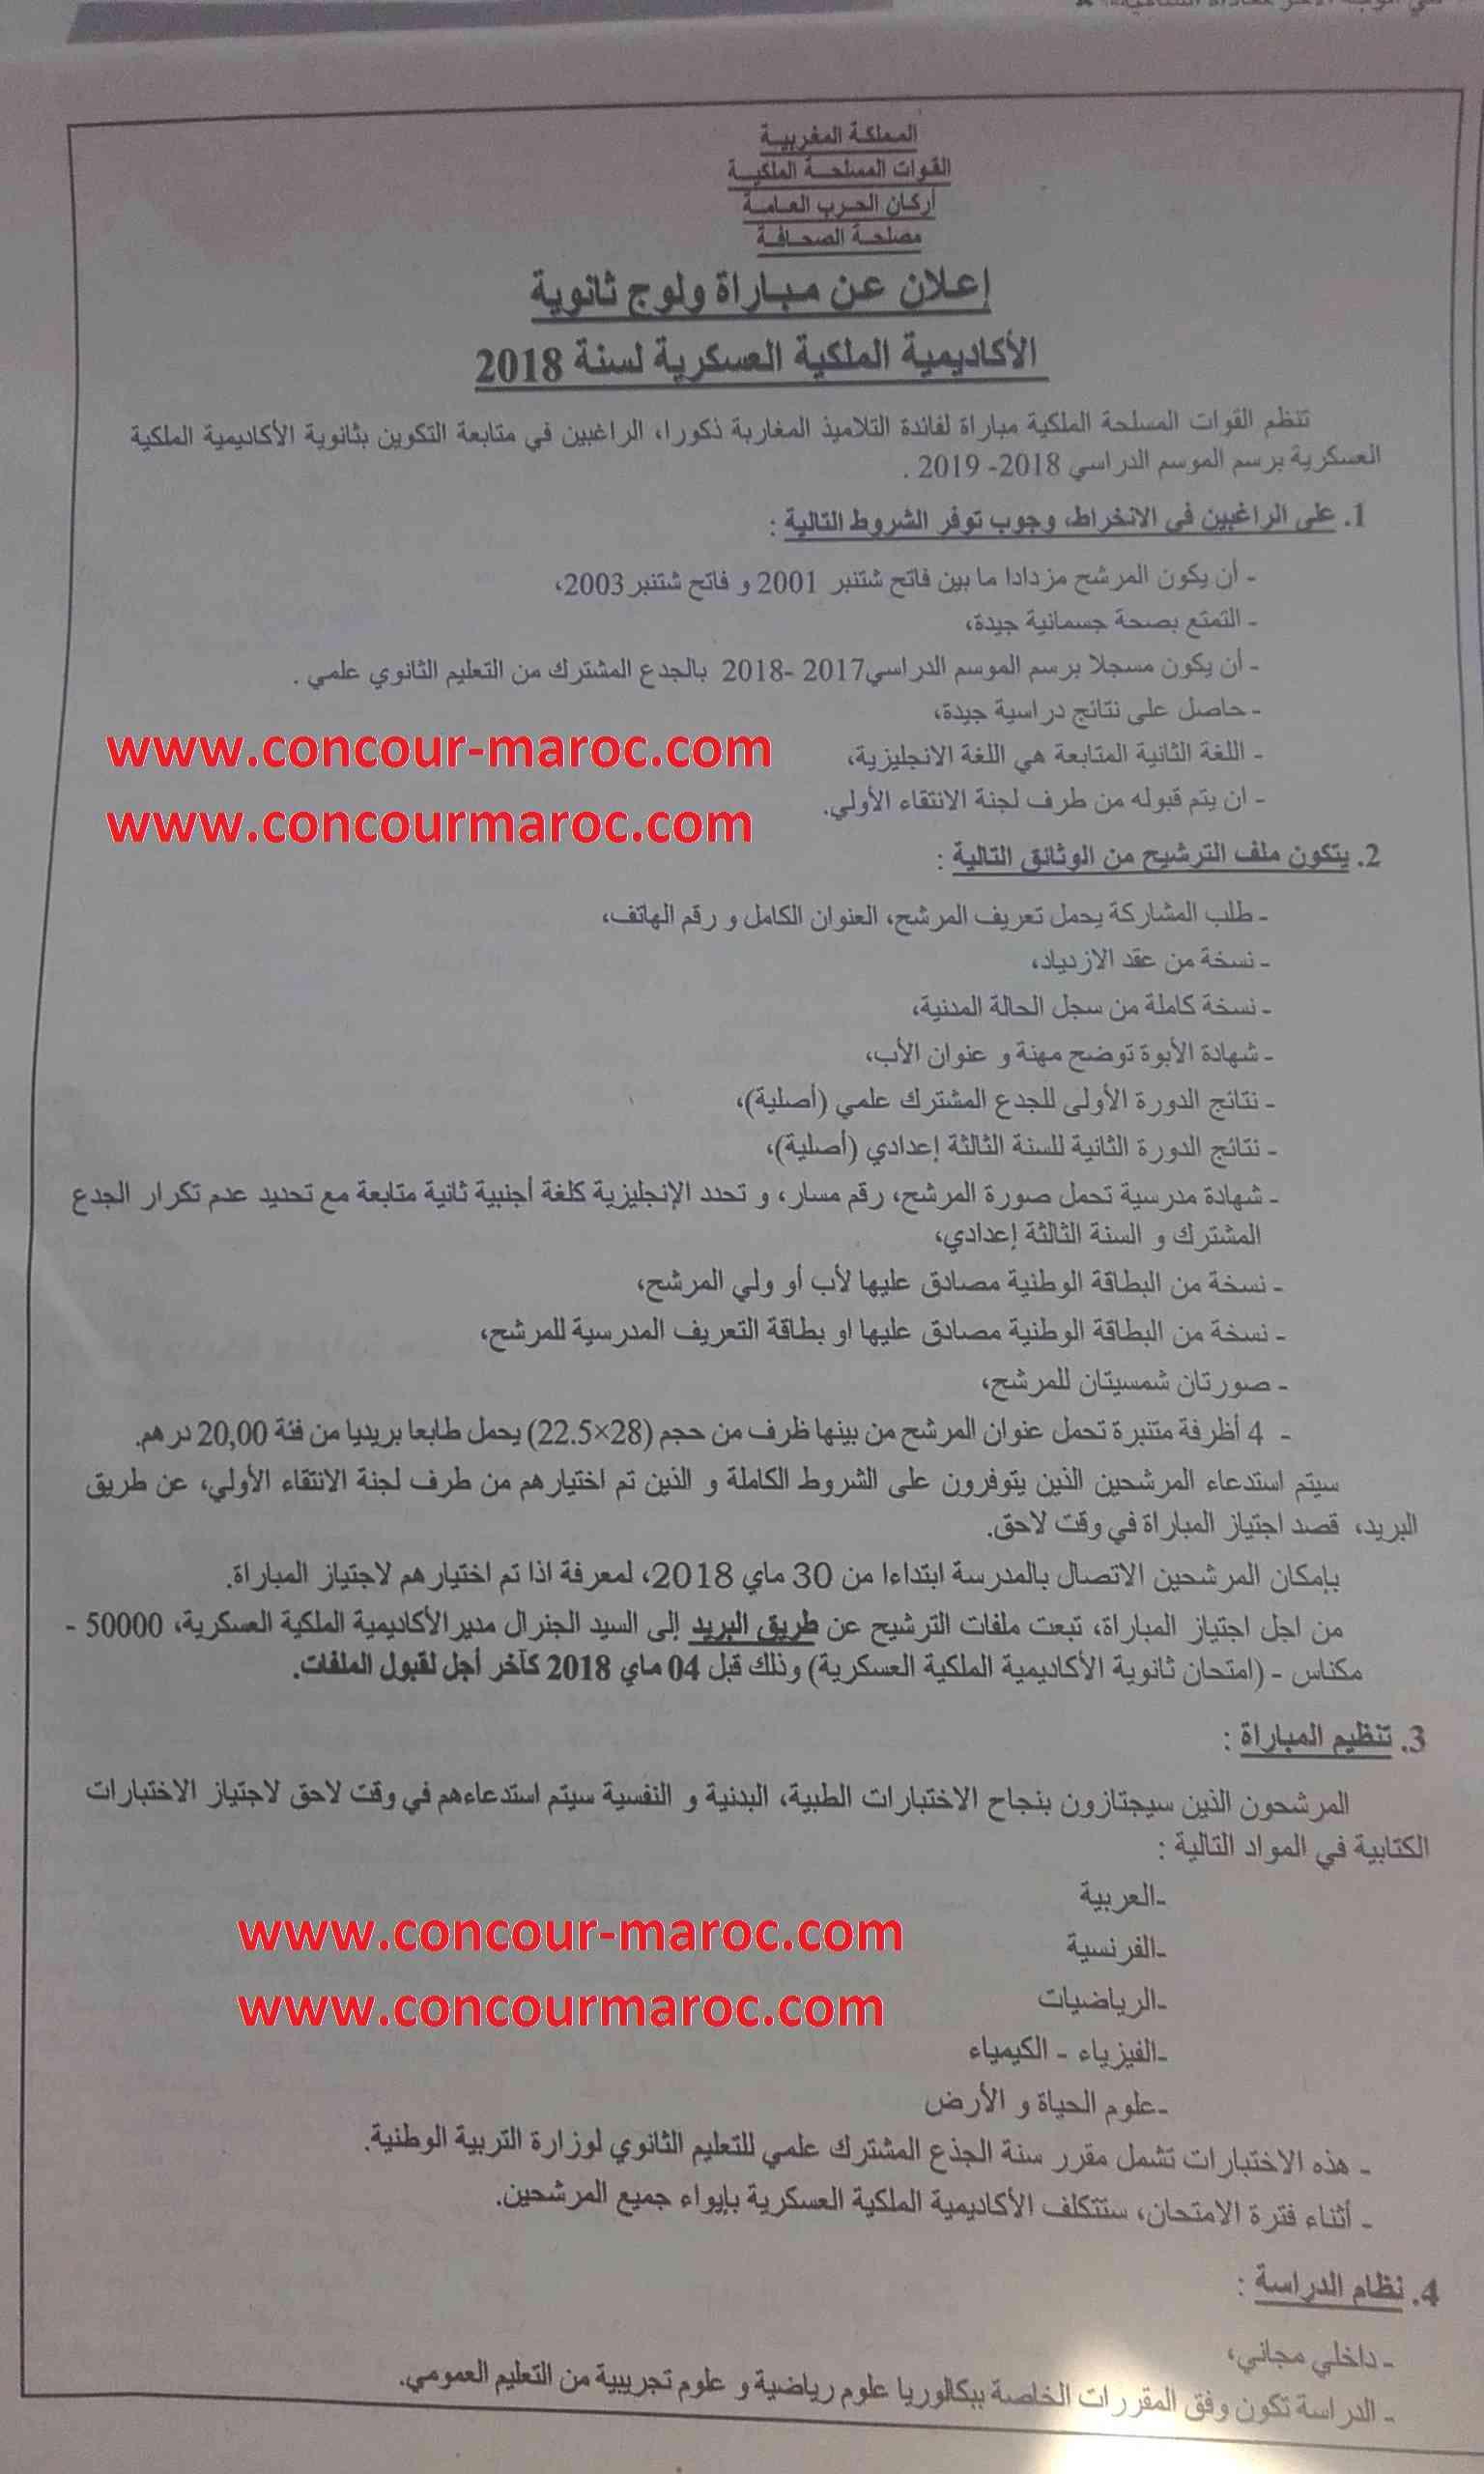 الثانوية الاكاديمية الملكية العسكرية : مباراة الولوج لفائدة الشباب المغاربة دكورا المسجلين بالجدع المشترك علمي قبل 04 ماي 2018  Tanawi10